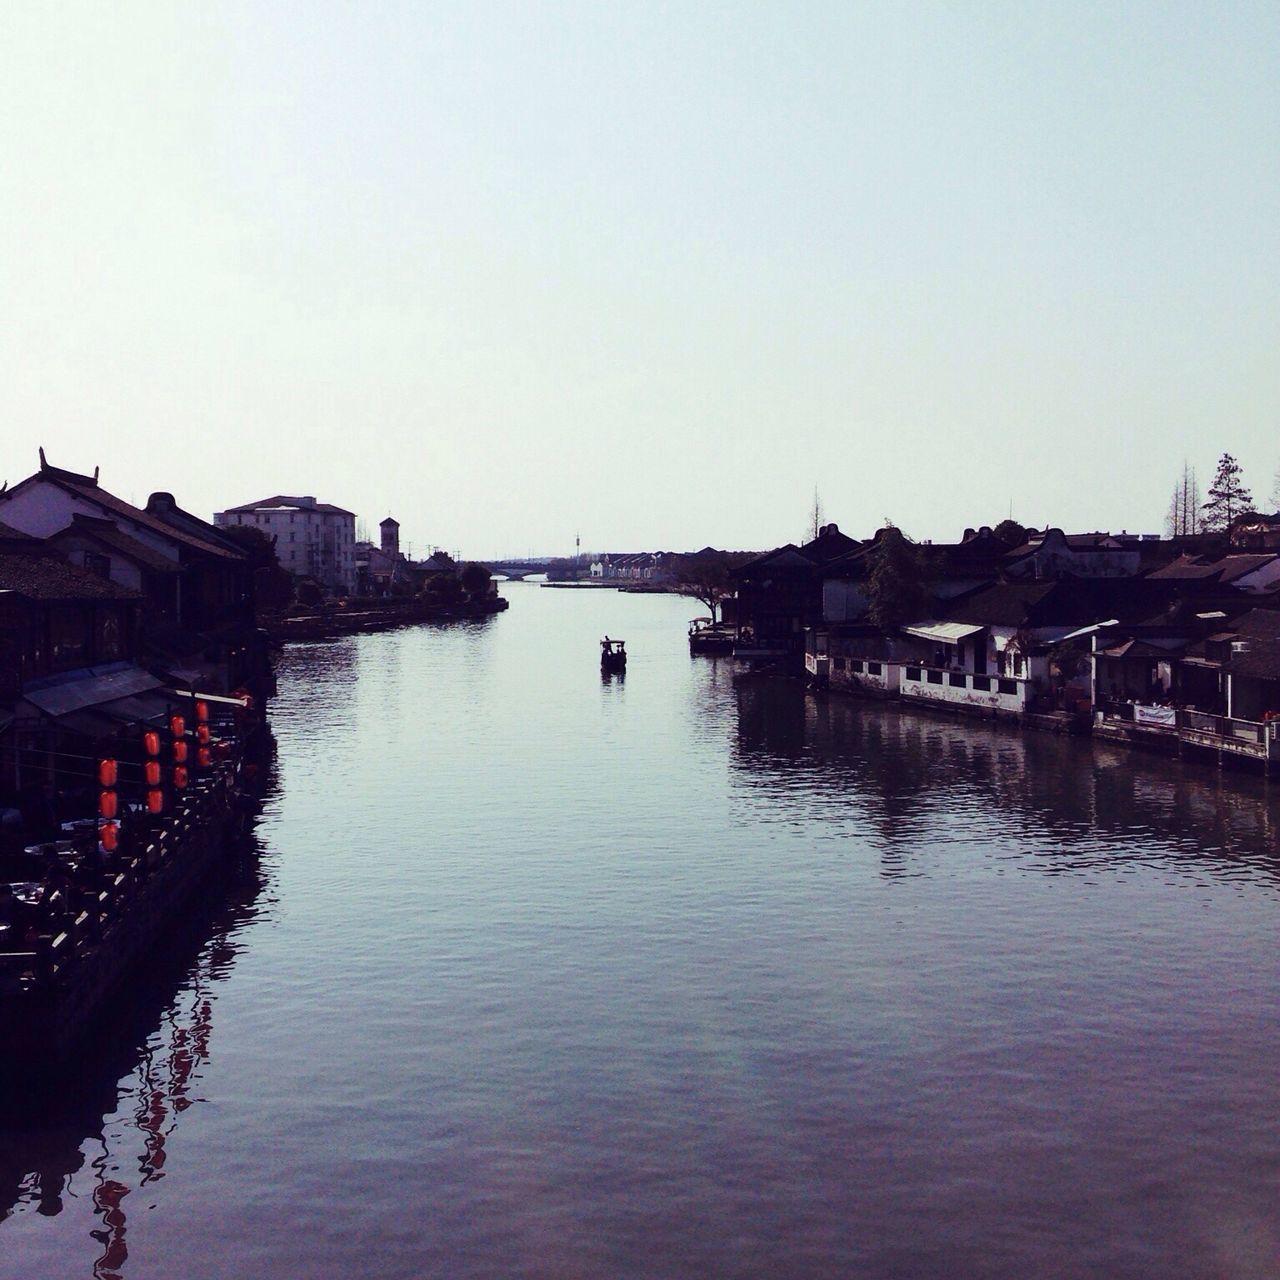 Water Reflection Waterfront Clear Sky Sky Waterside Riverside Zhujiajiao Shanghai China